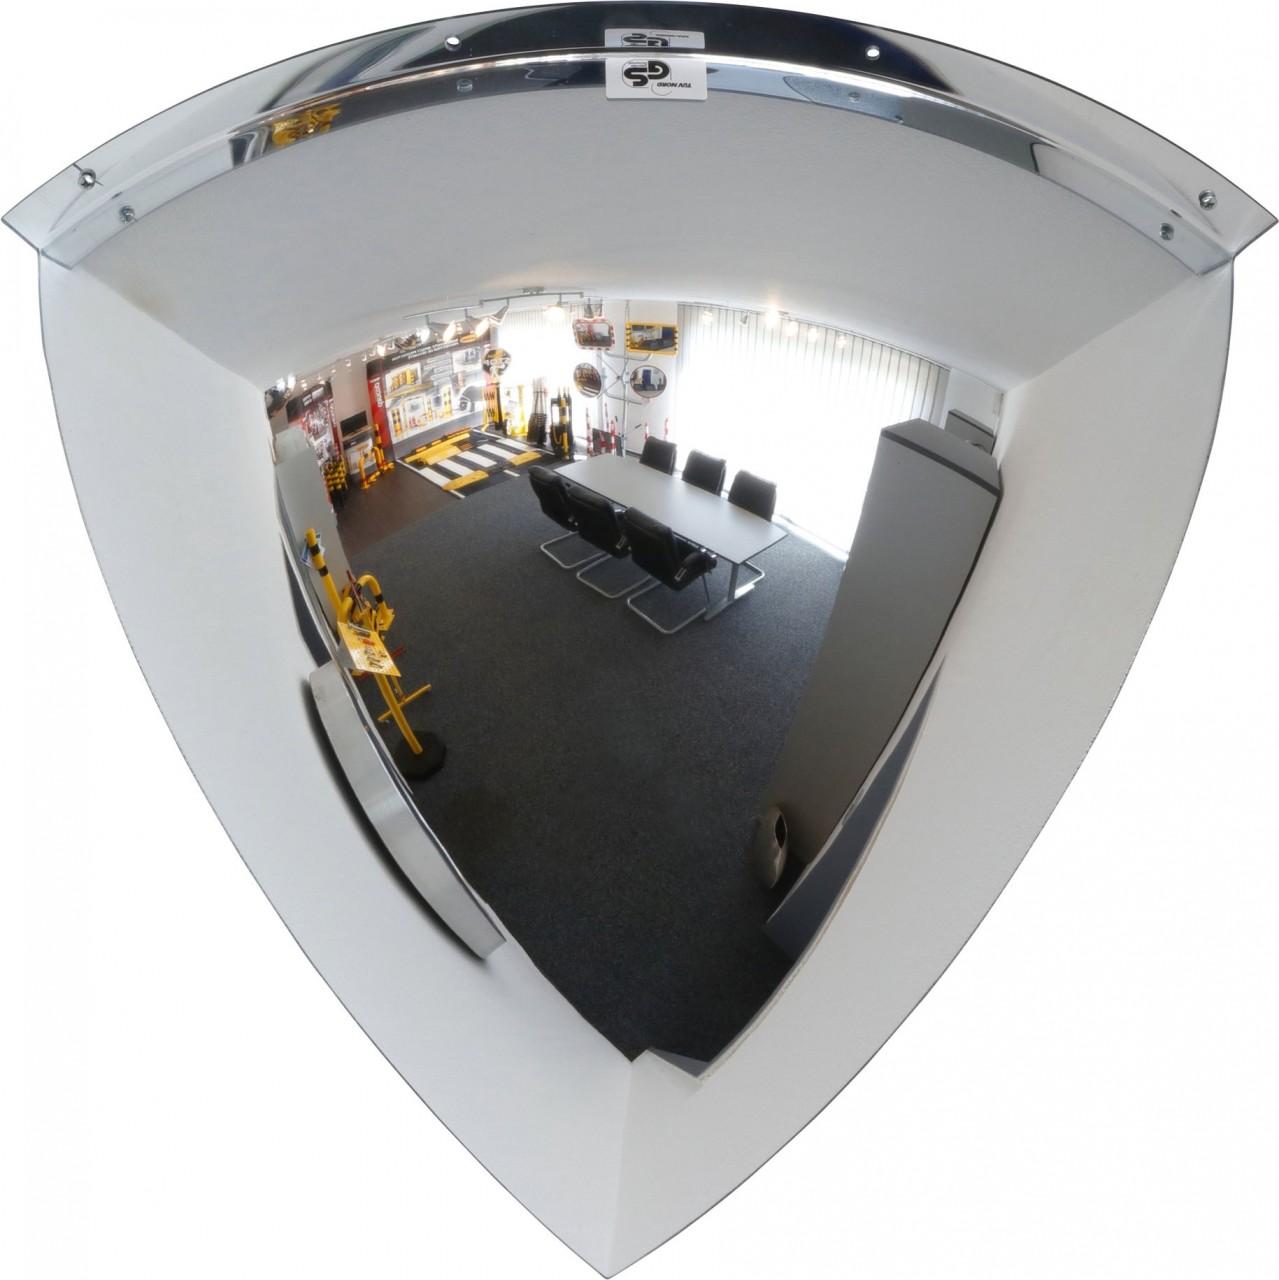 Kuppelspiegel BM 90, Innenbereich